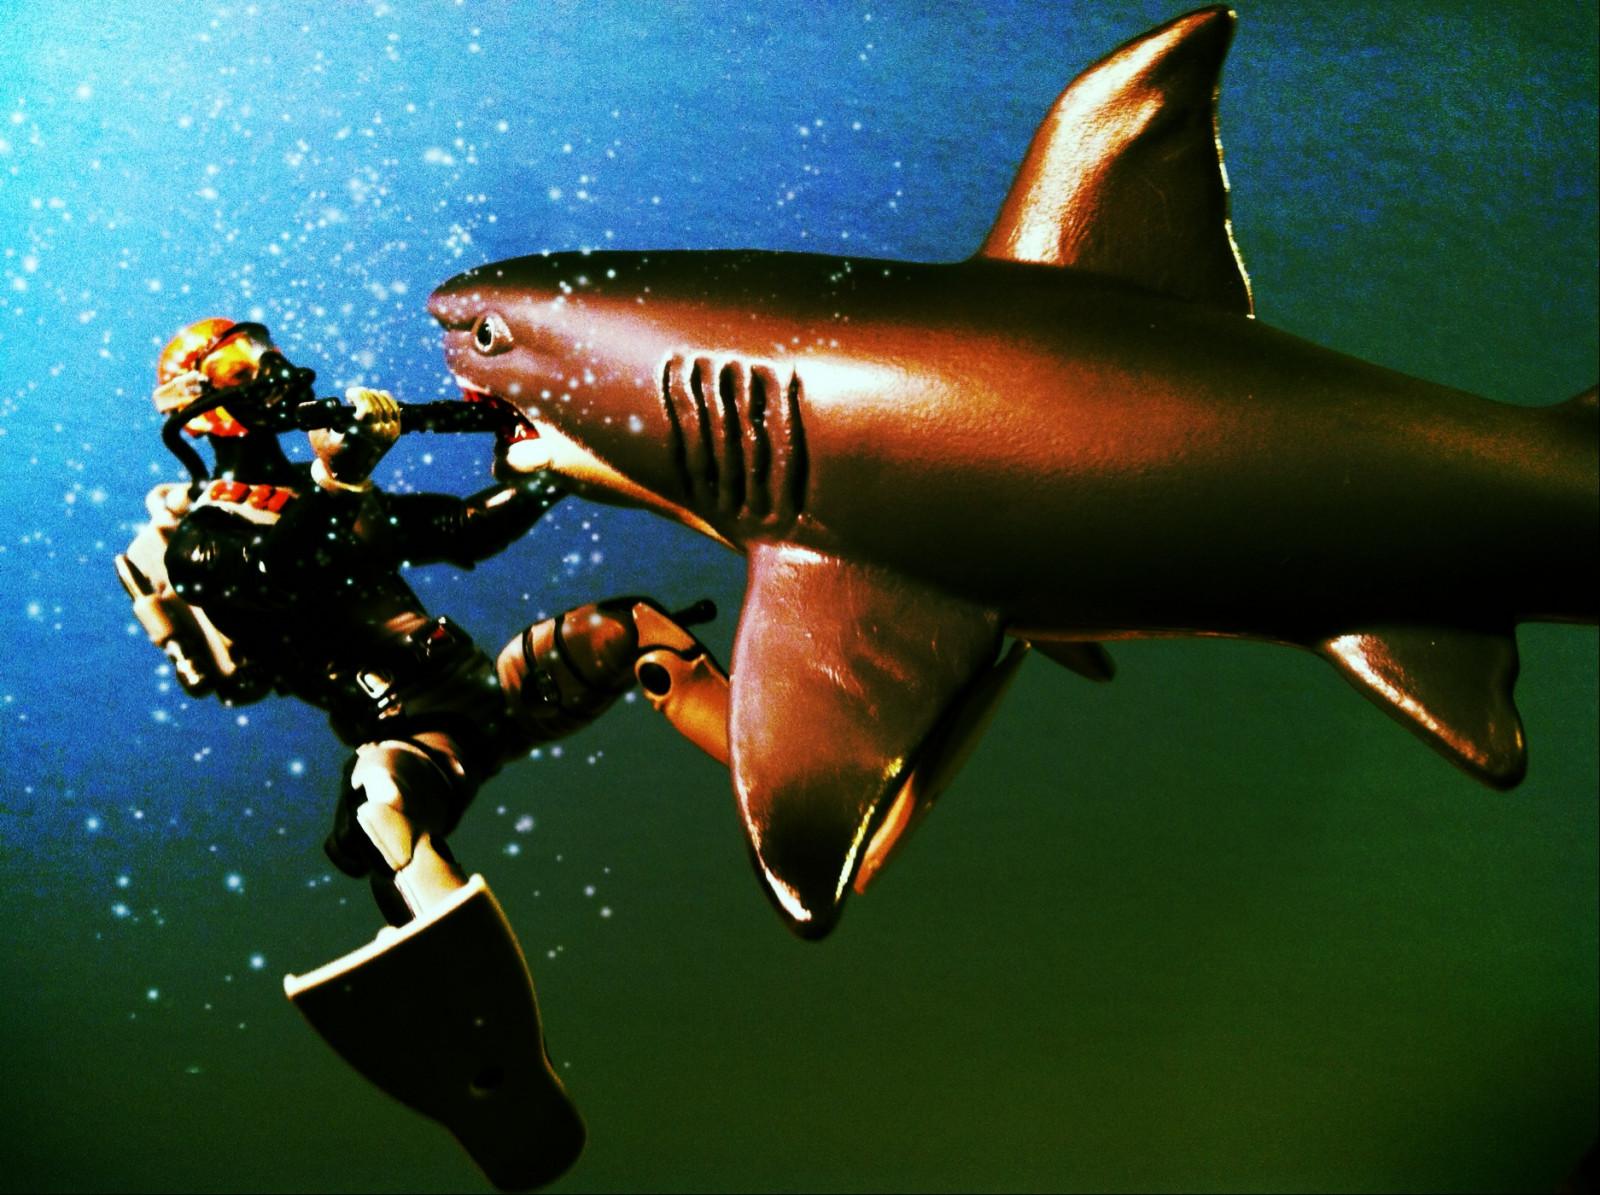 Hintergrundbilder : Weiß, Meer, Wasser, Mannschaft, Unterwasser ...